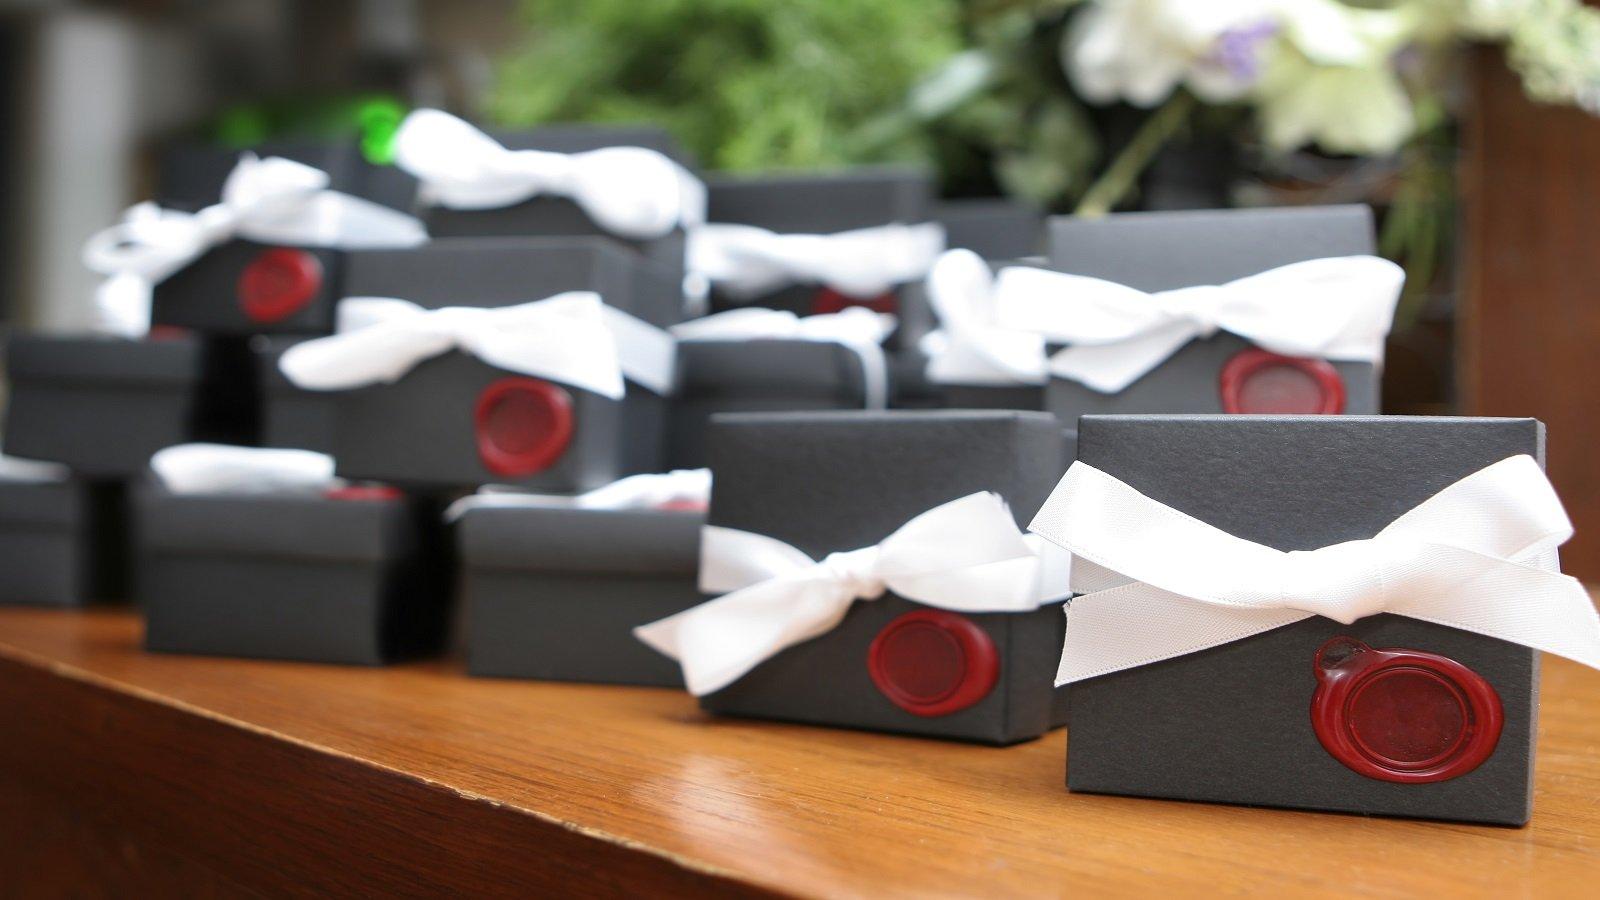 delle scatoline nere con dei fiocchi bianchi